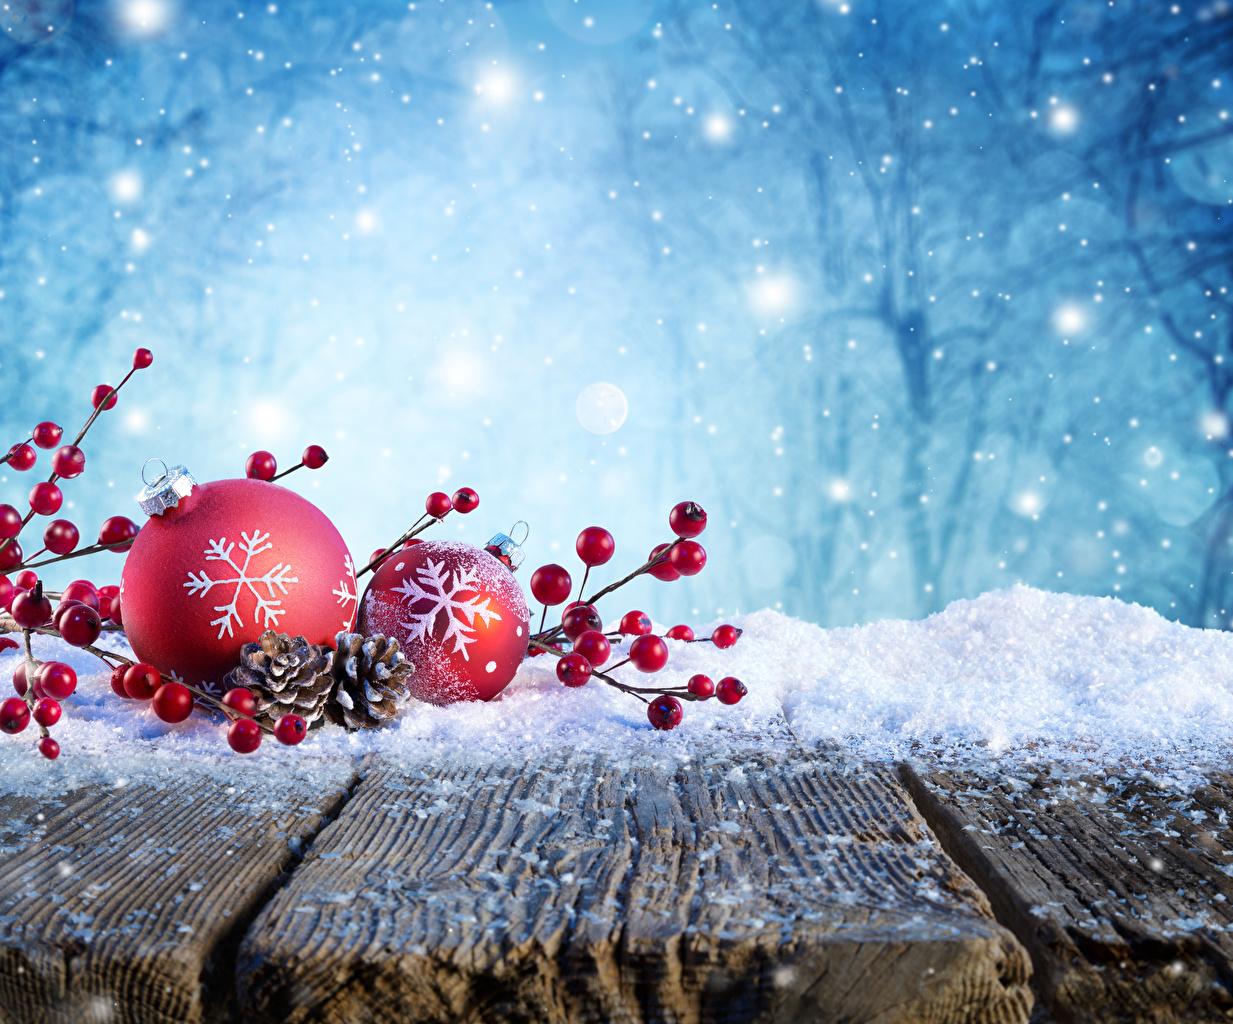 Фотографии Новый год Зима Снег Шар Шишки Ягоды на ветке Доски Рождество зимние снеге снегу снега Ветки шишка ветка ветвь Шарики